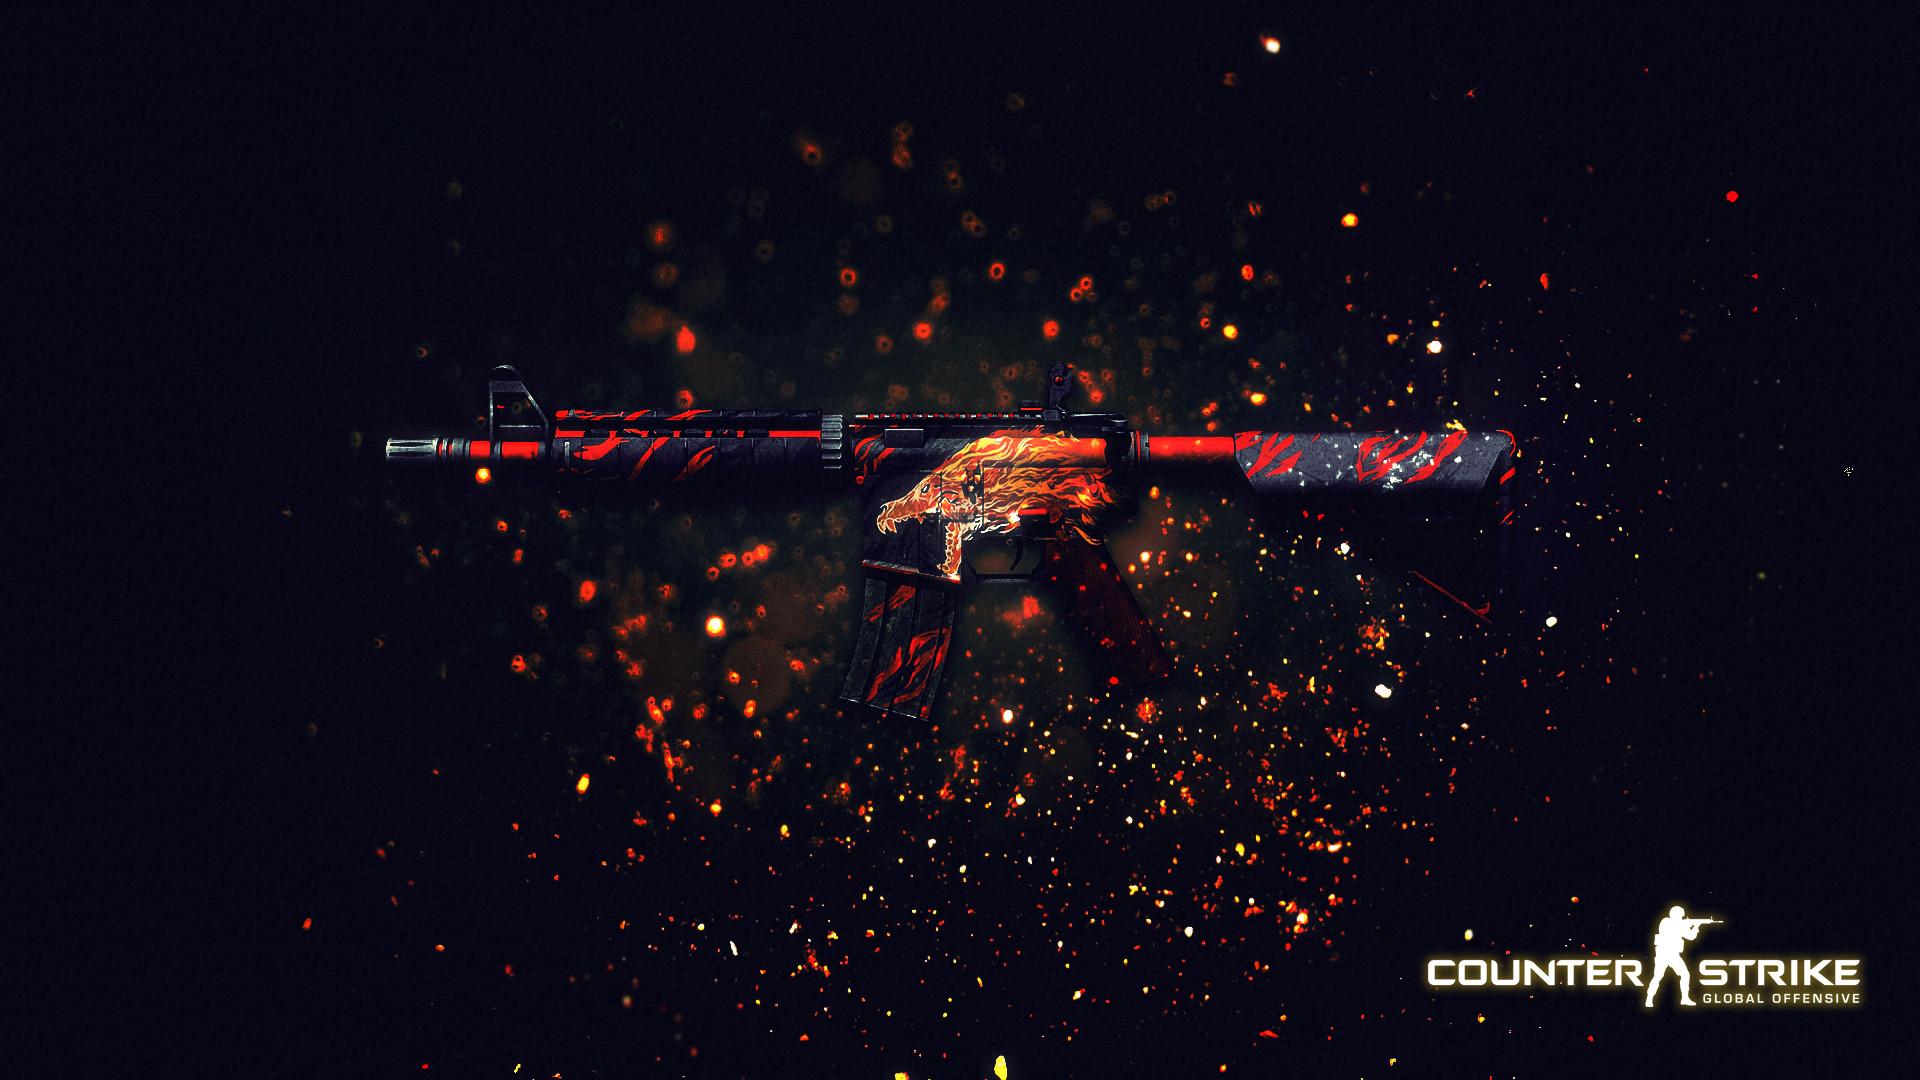 … CS:GO – M4A4 Howl Wallpaper | by MrSchlendermann